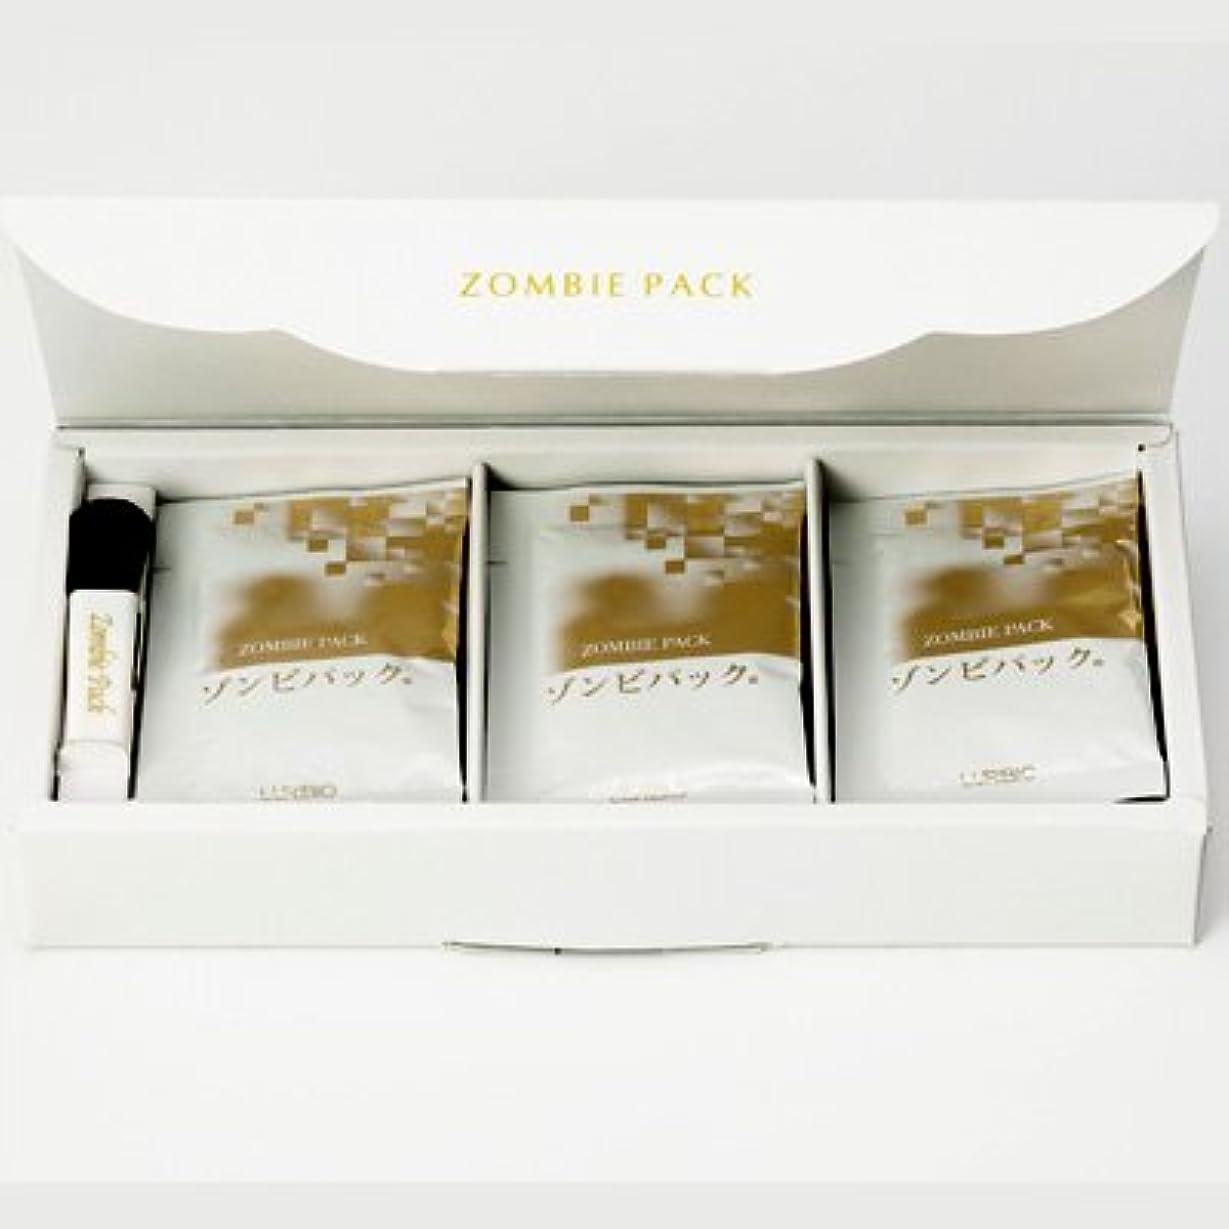 供給解任病気のルリビオゾンビパック 5g×15袋